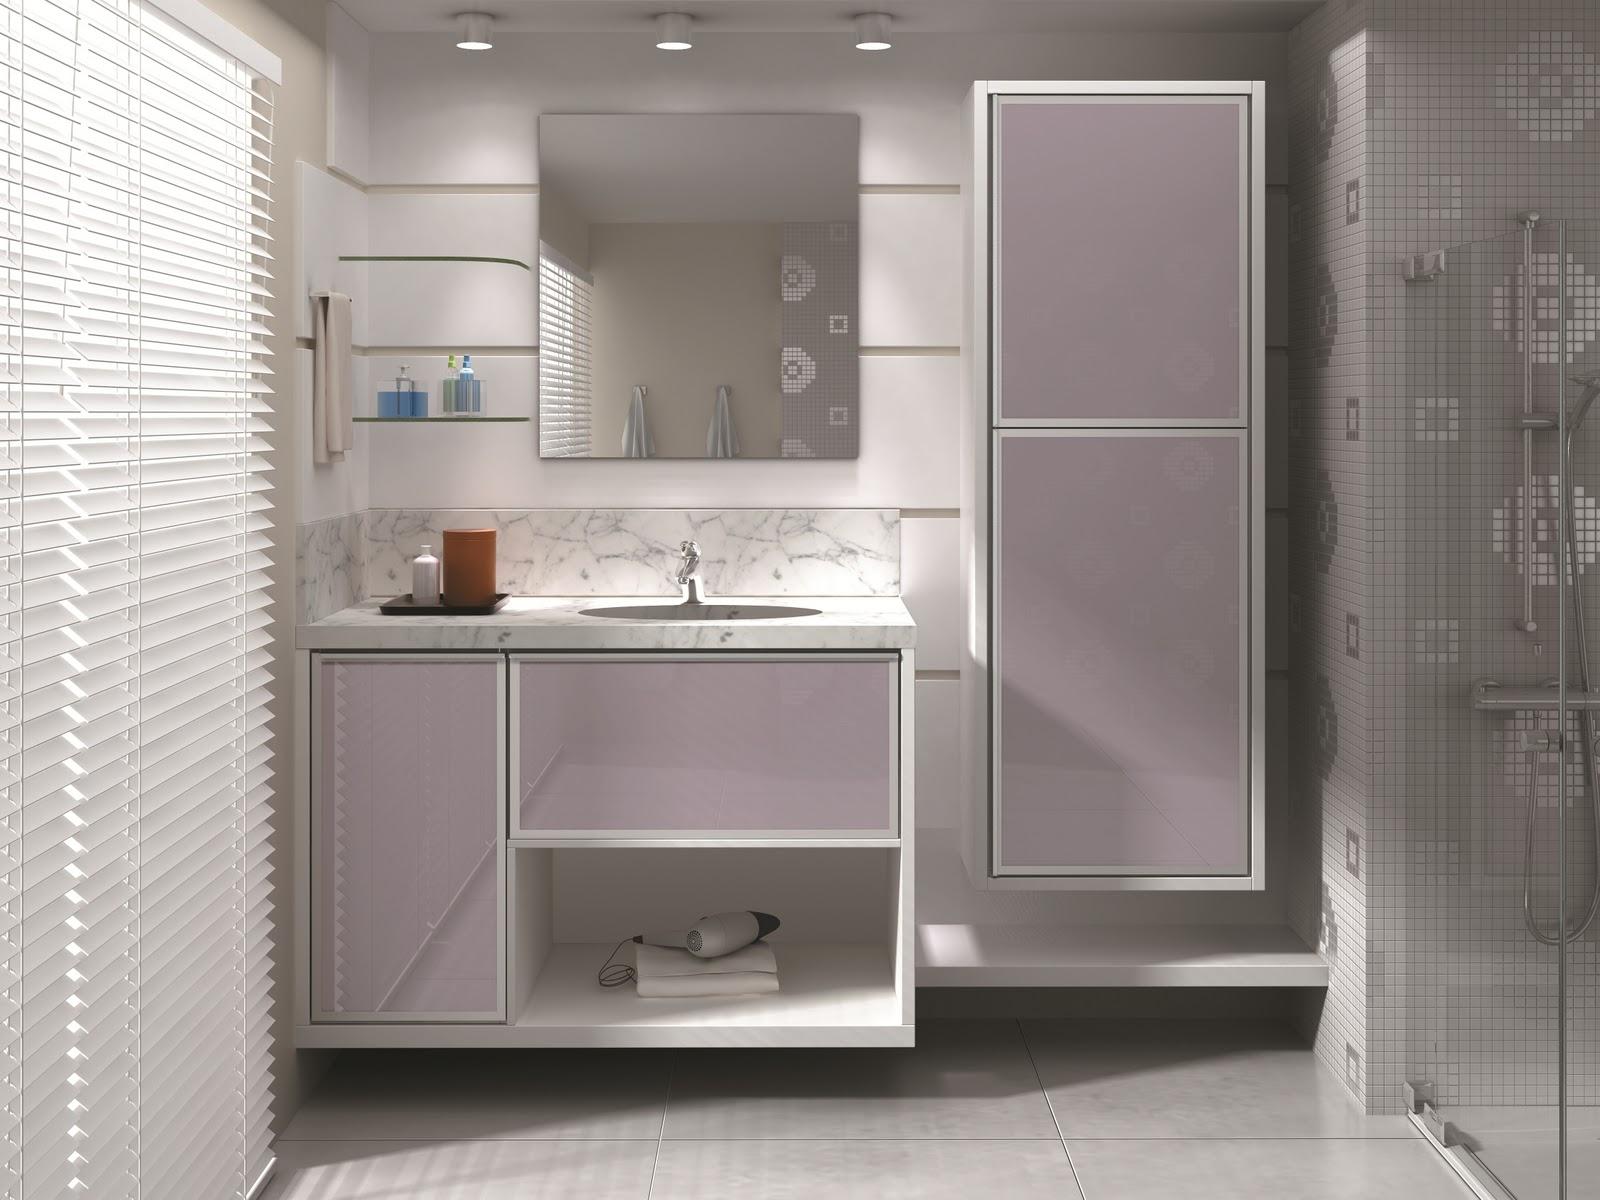 Armários no banheiro ajuda e muito para organização e limpeza. #37516C 1600x1200 Armario De Banheiro Ideias